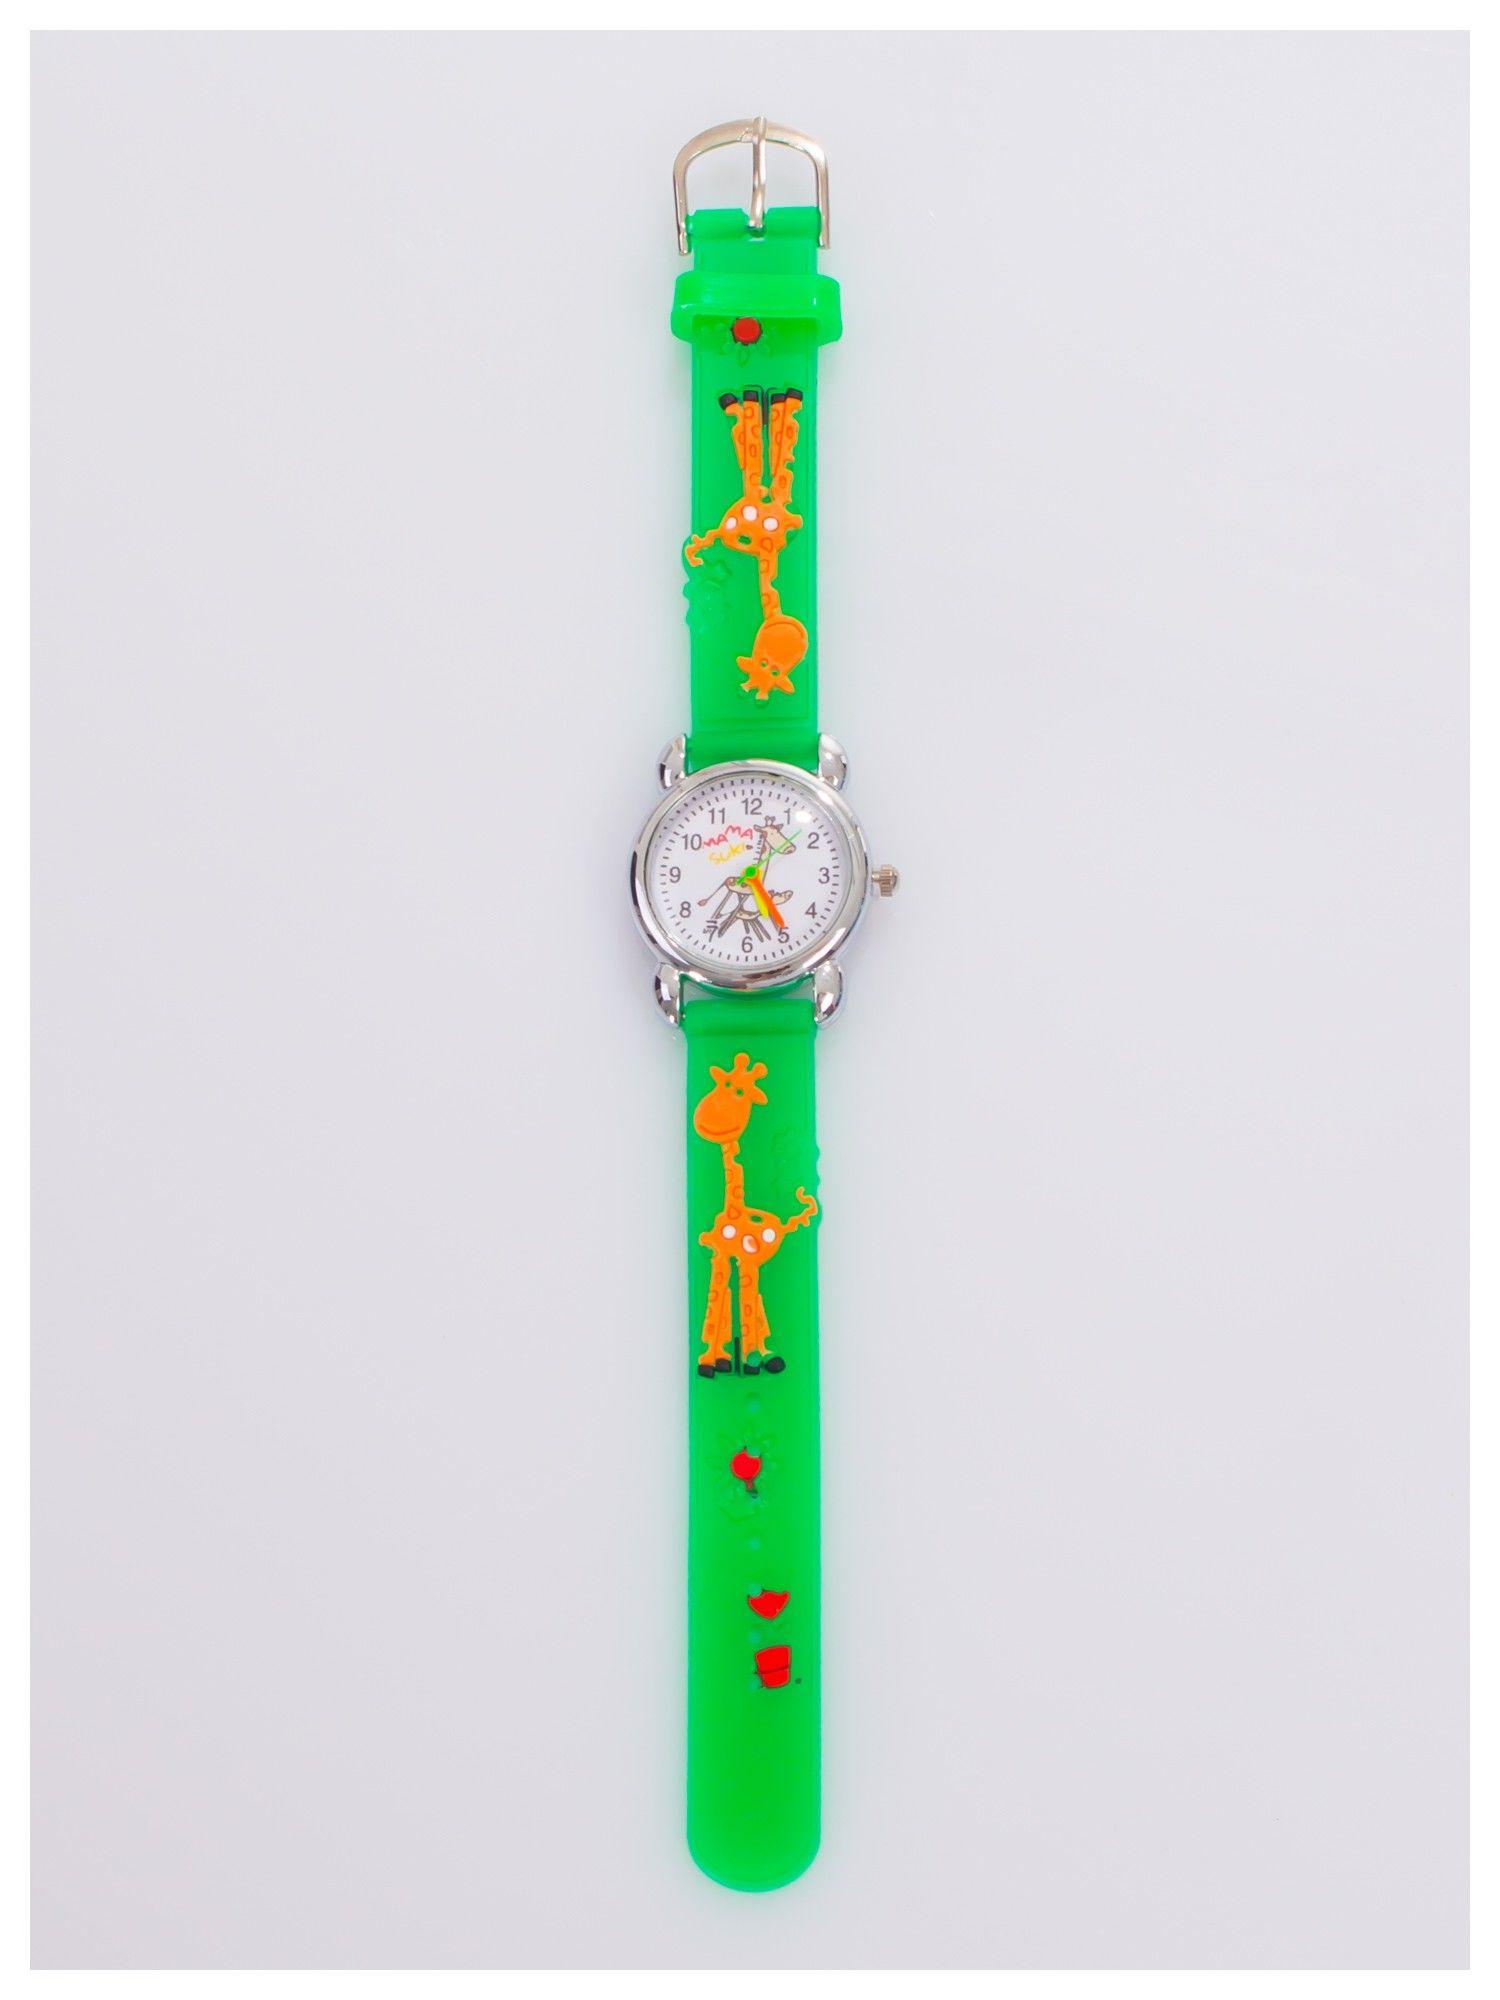 Kolorowy zegarek dziecięcy na wygodnym silikonowym pasku                                  zdj.                                  2